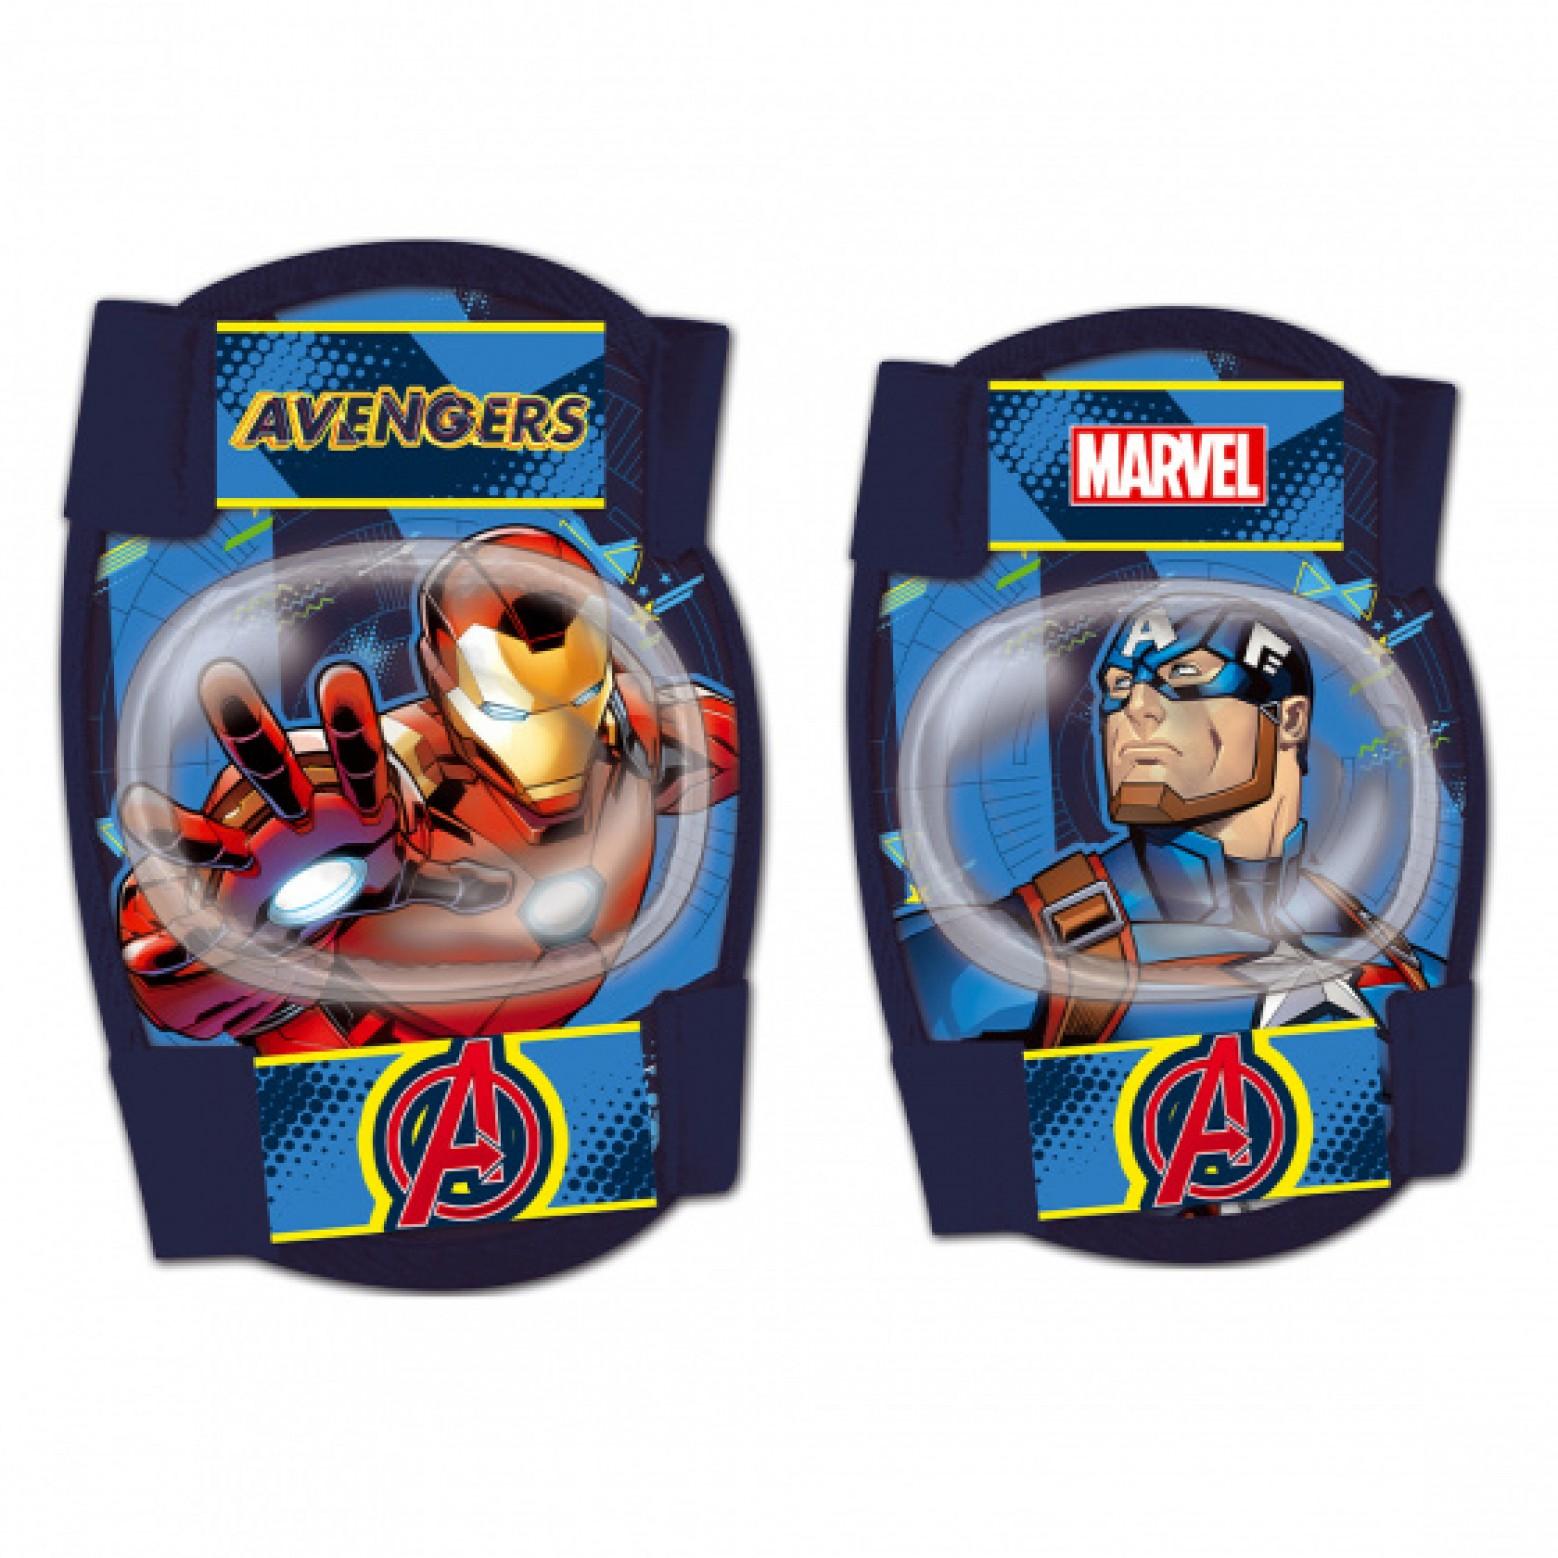 Marvel Avengers knie en ellenboog beschermers